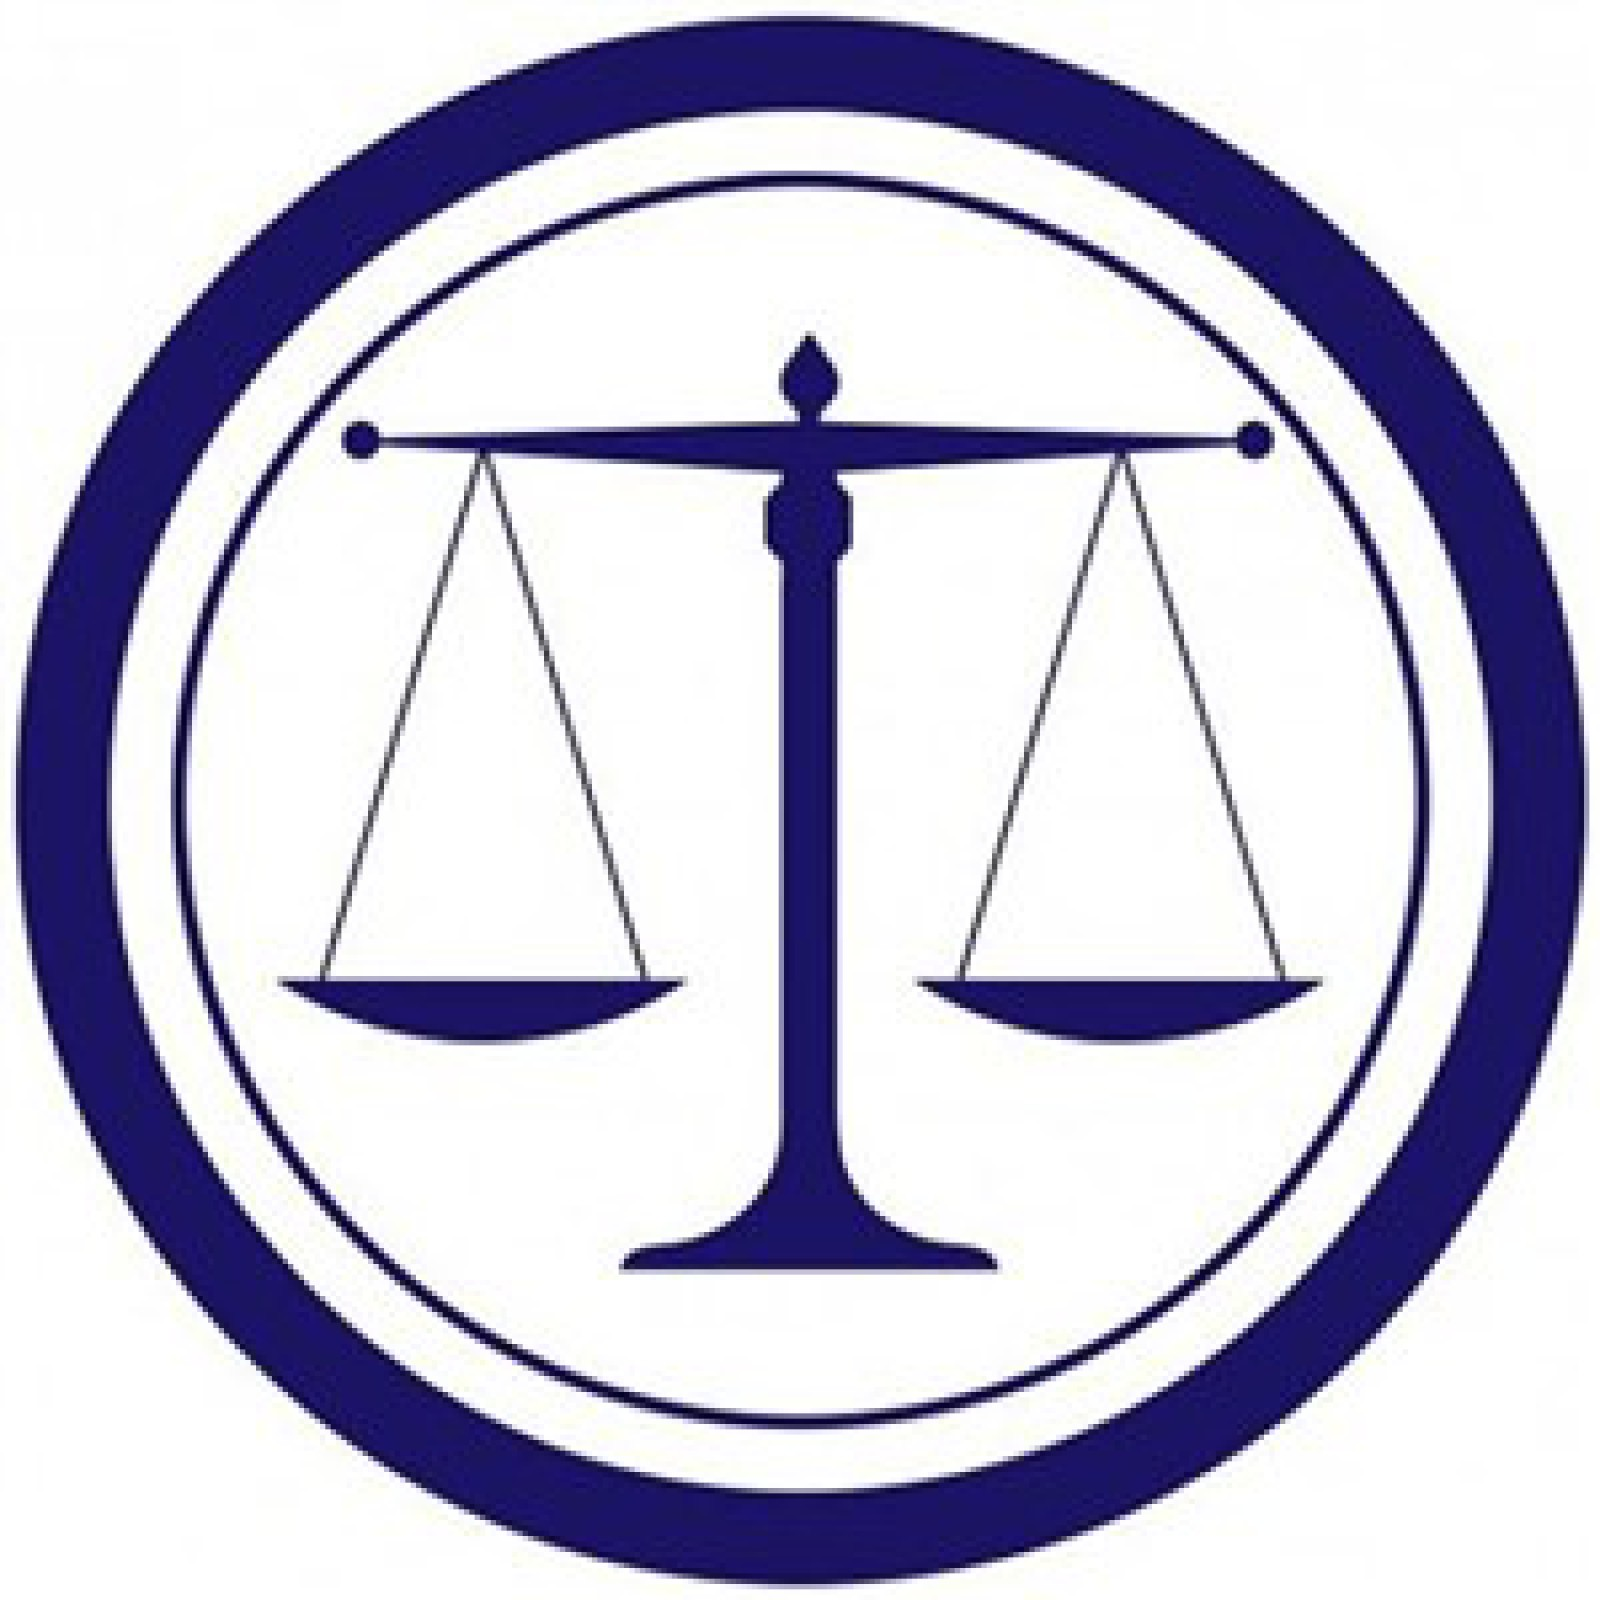 La CTU non è prova, ma convince il giudice